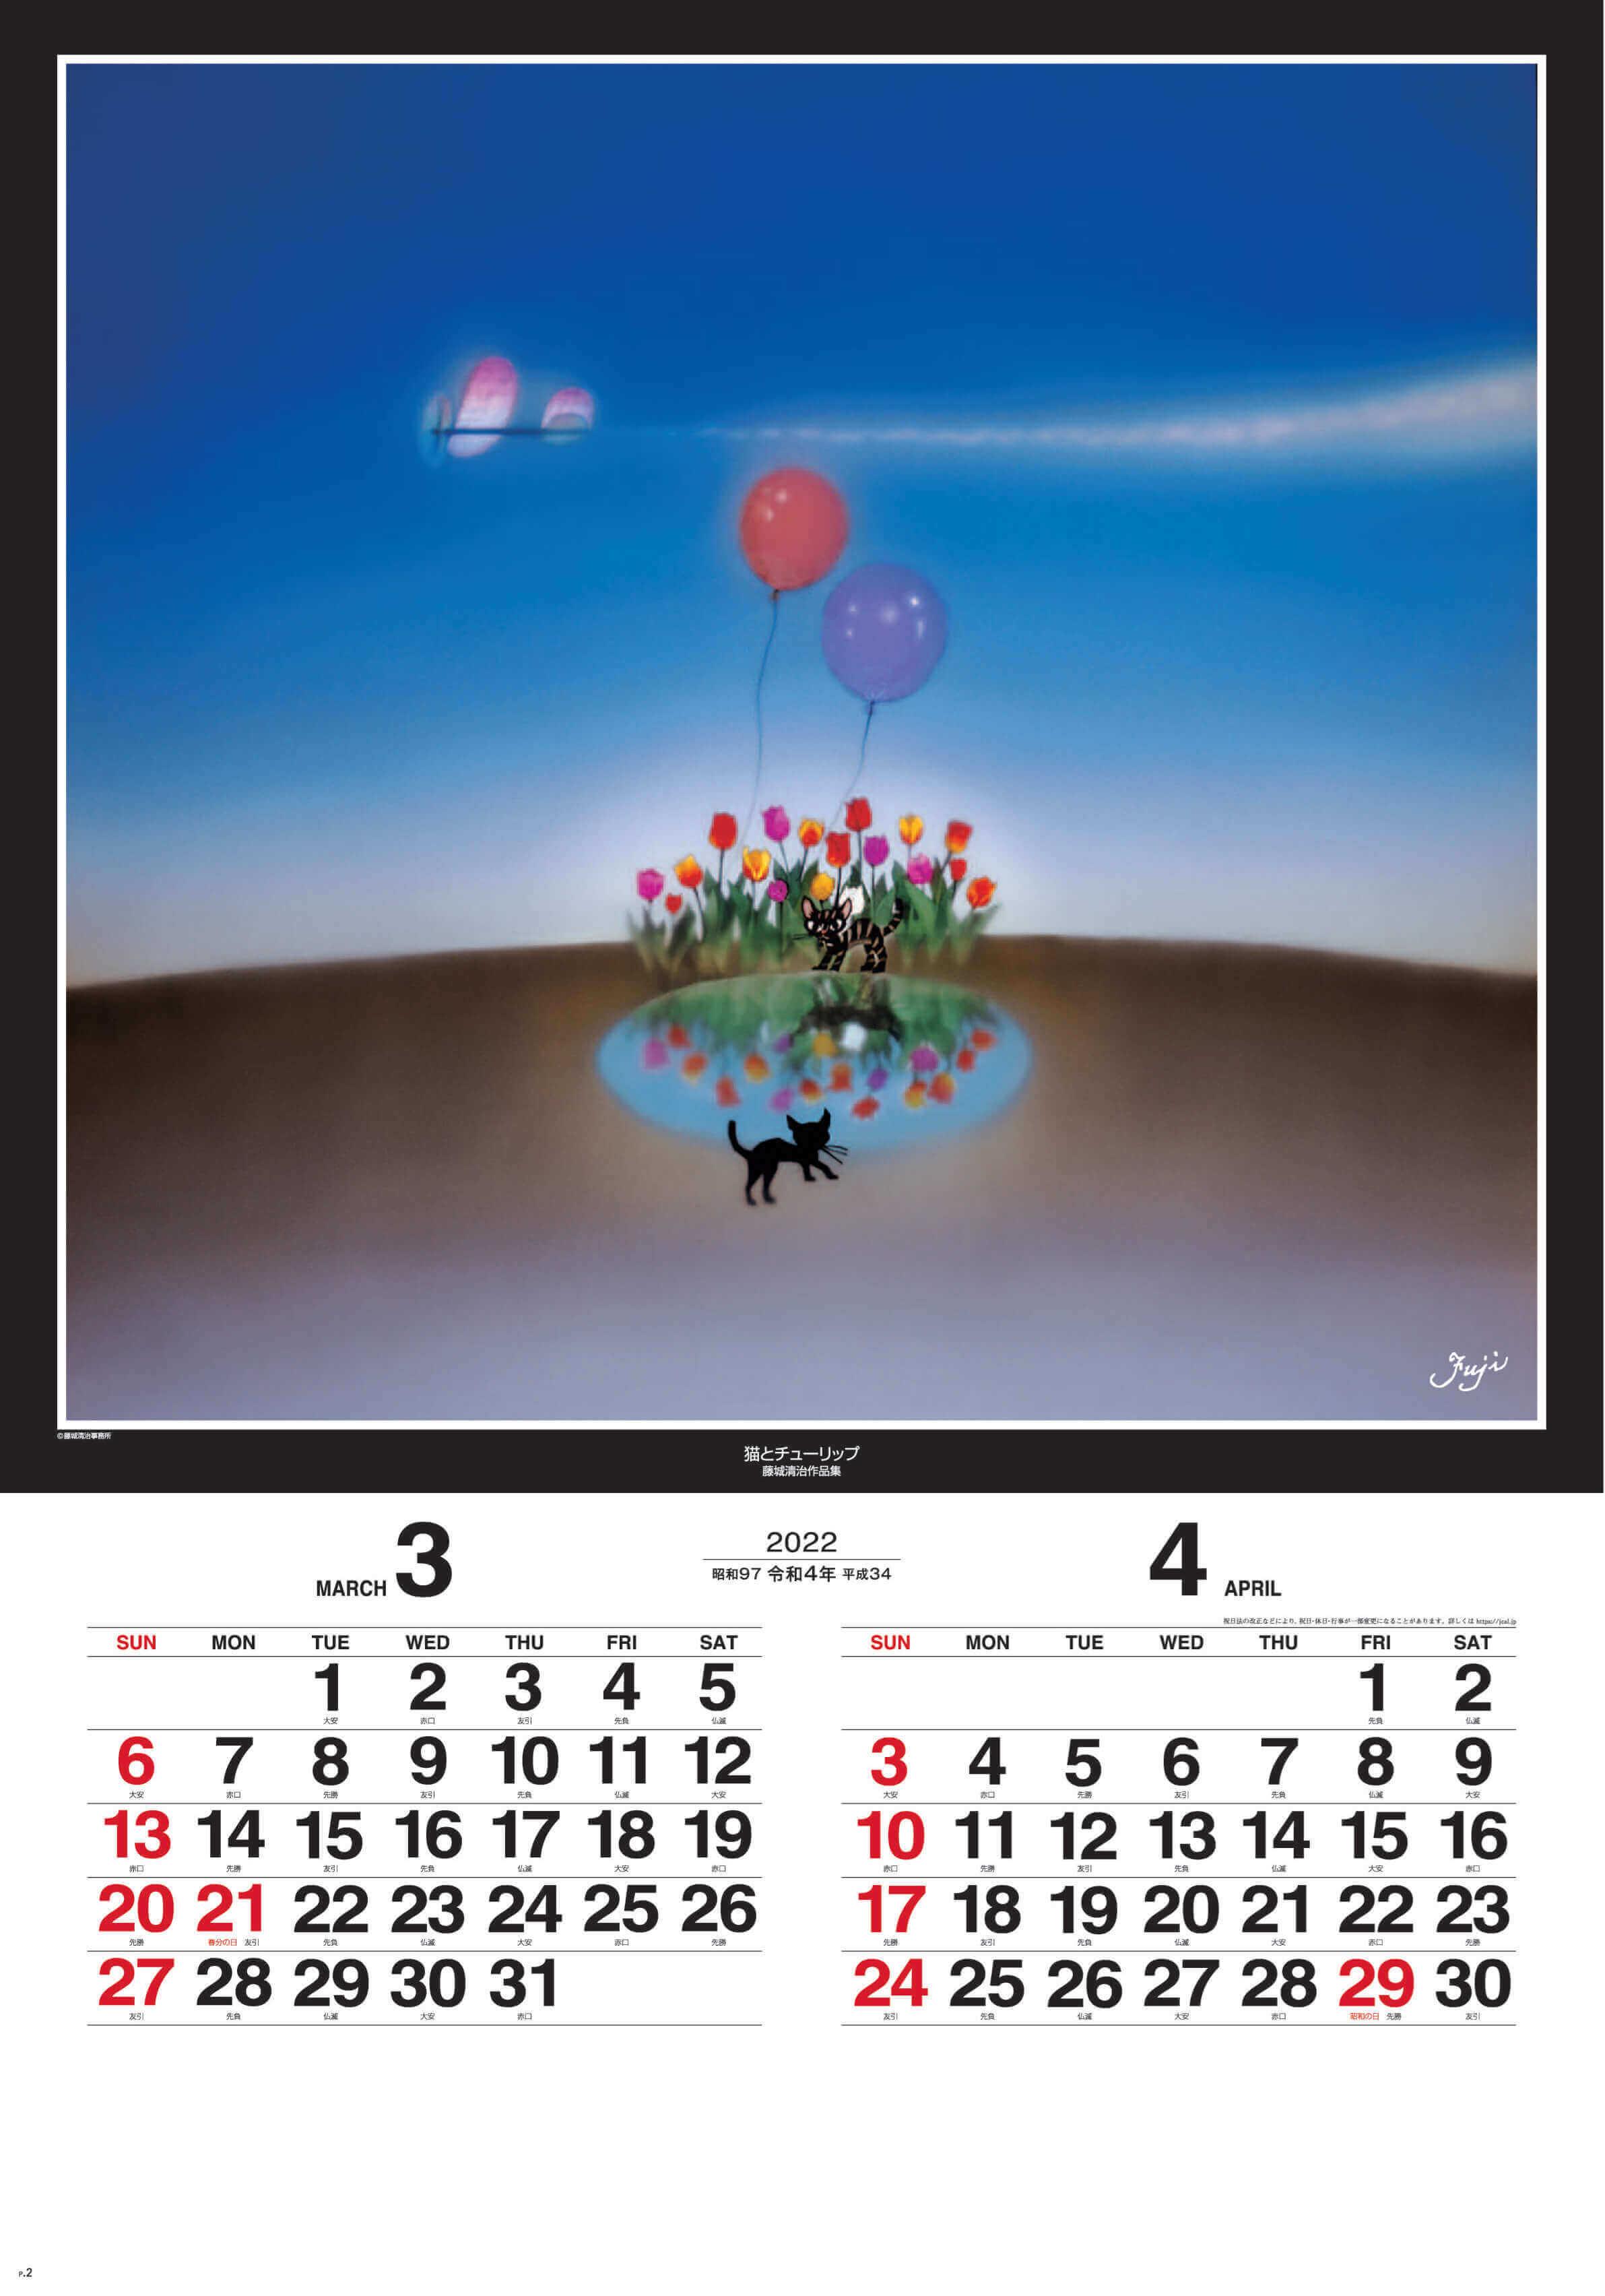 3-4月 猫とチューリップ 遠い日の風景から(影絵)(フィルムカレンダー) 藤城清治 2022年カレンダーの画像